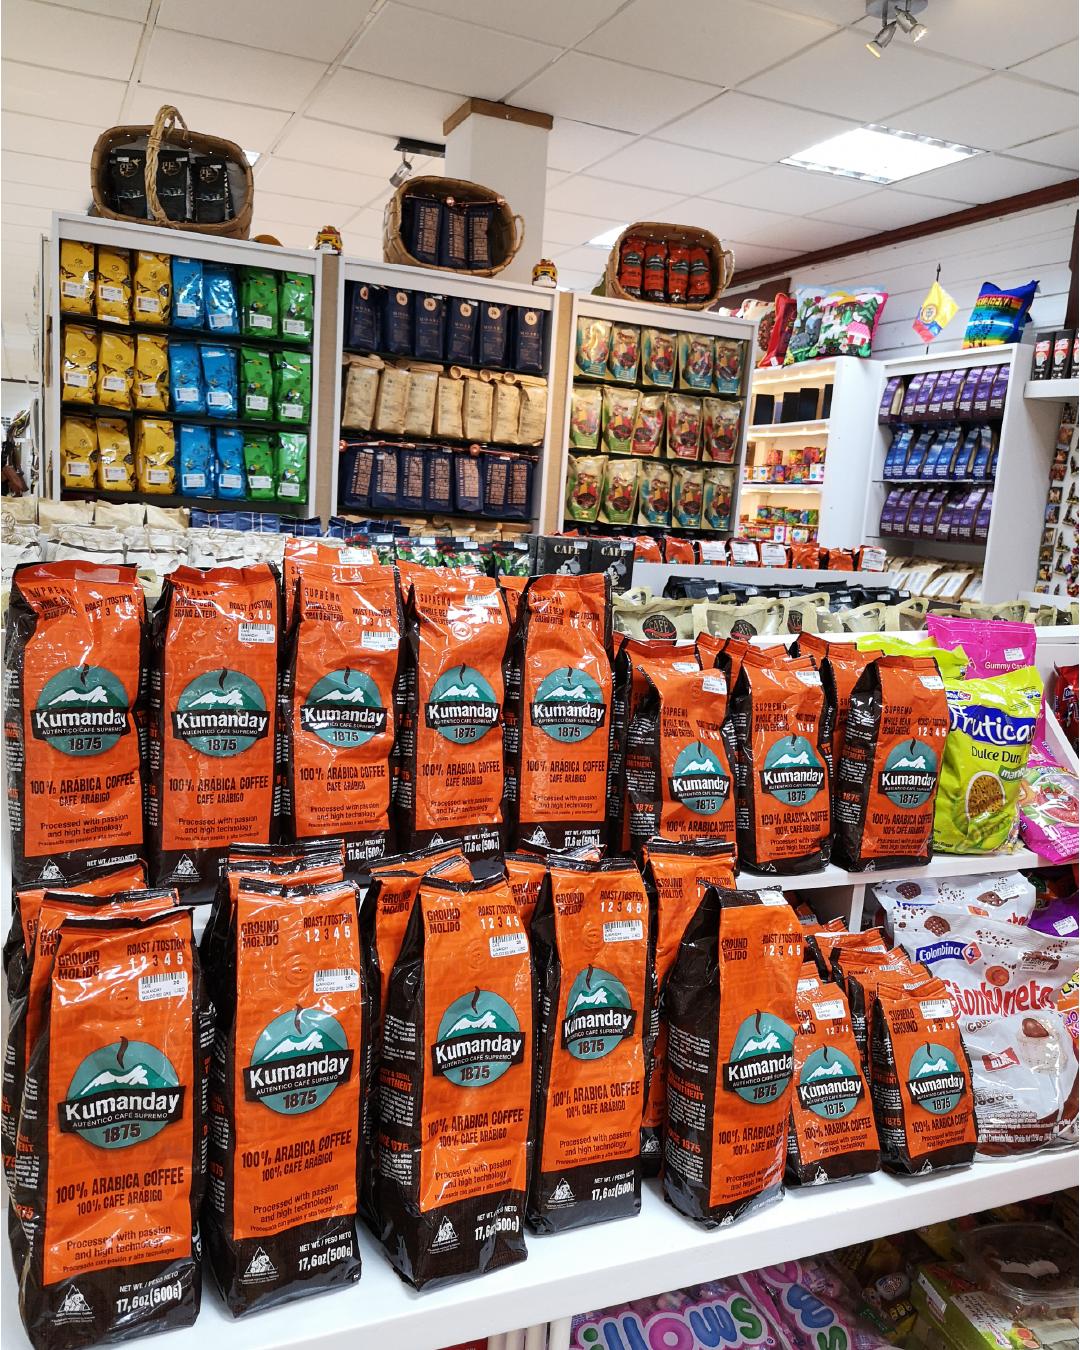 Kumanday Coffee Exhibition